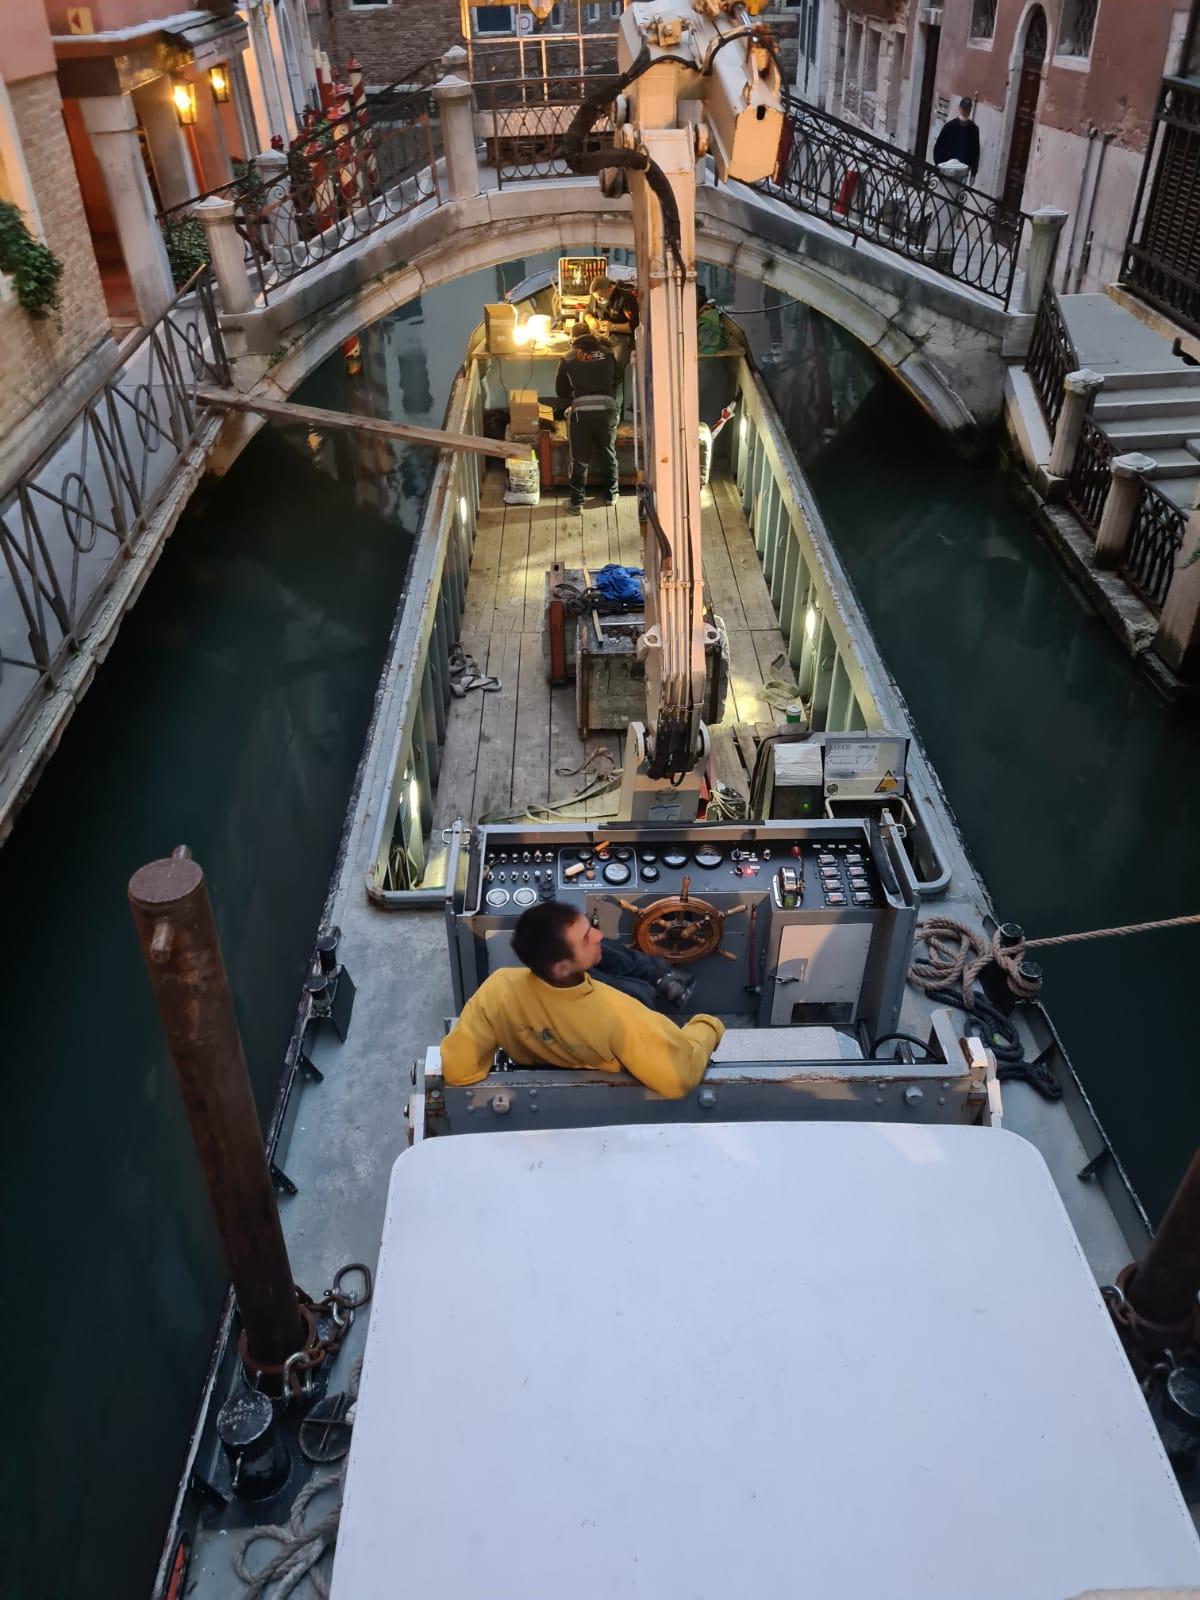 Installazione insegna luminosa Hotel Splendid Venezia Scalo Fluviale